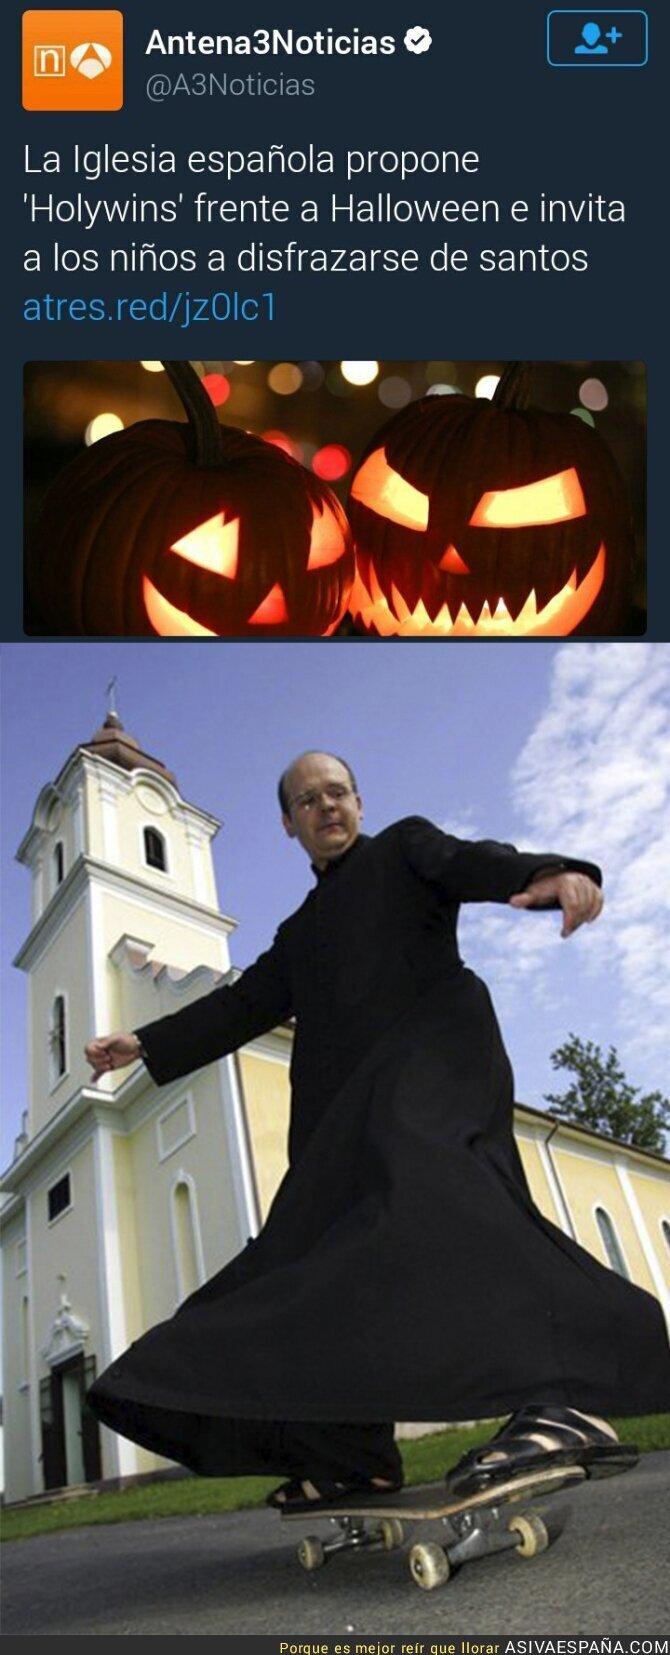 56087 - La Iglesia española propone un Halloween propio de nuestro país